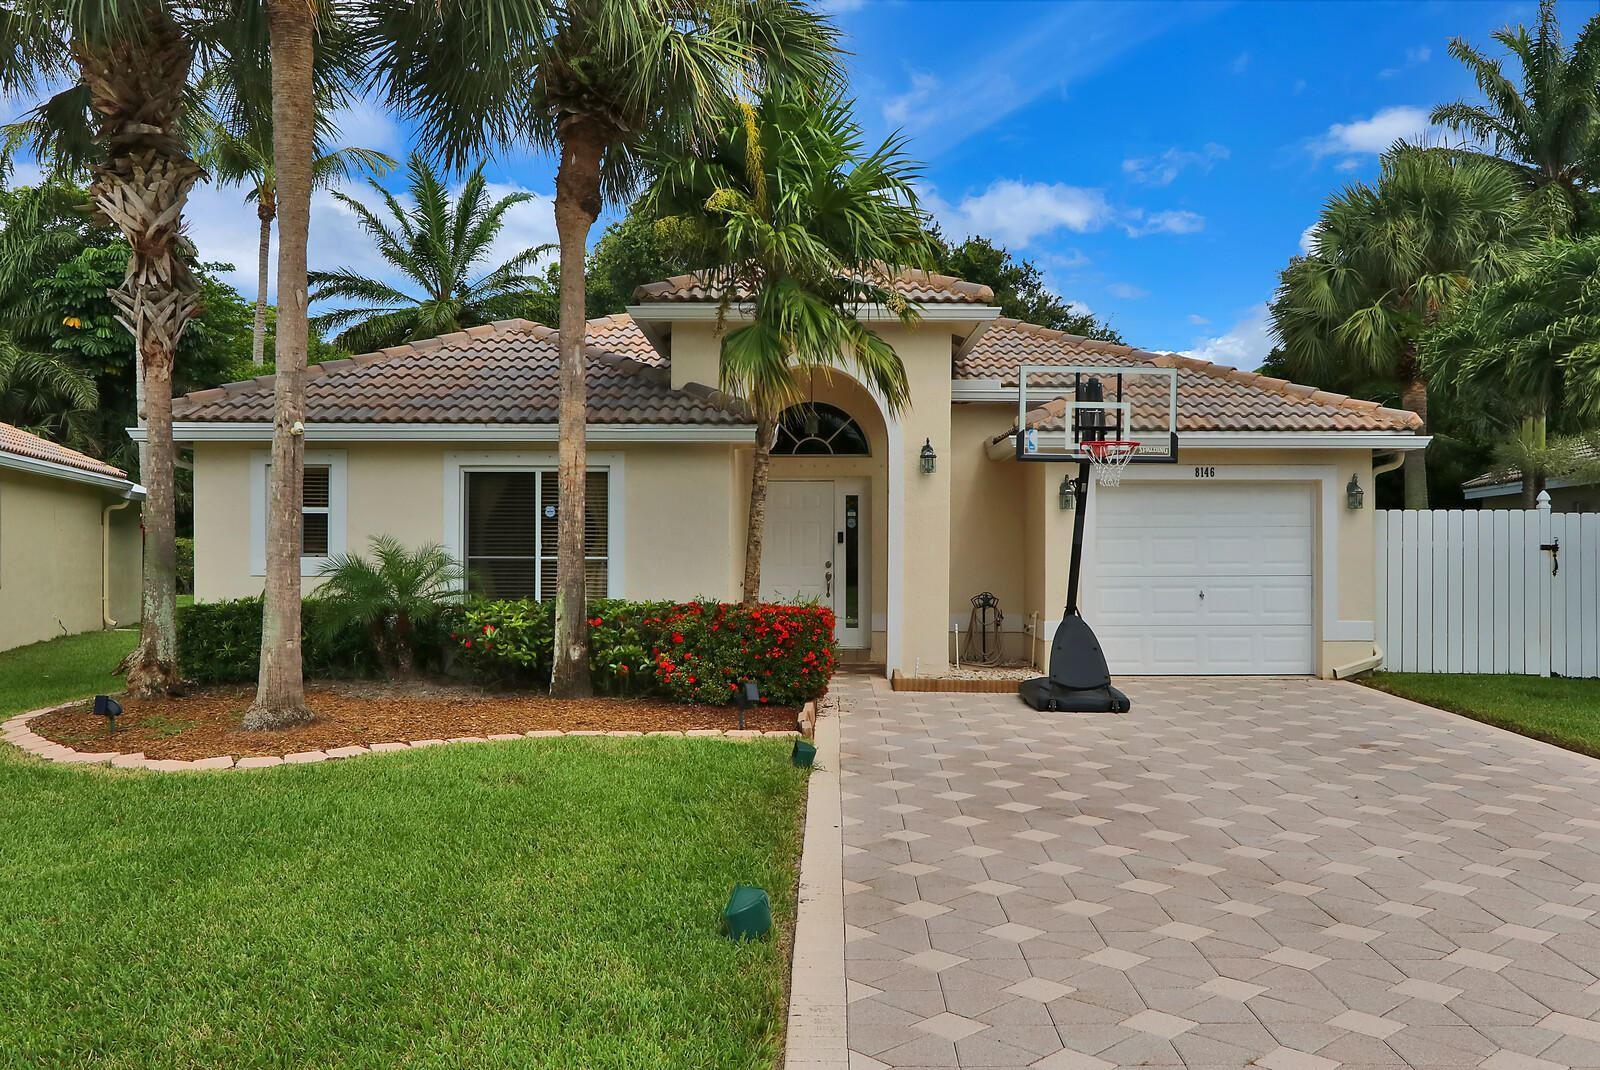 8146 Palm Gate Drive, Boynton Beach, FL 33436 - #: RX-10632138